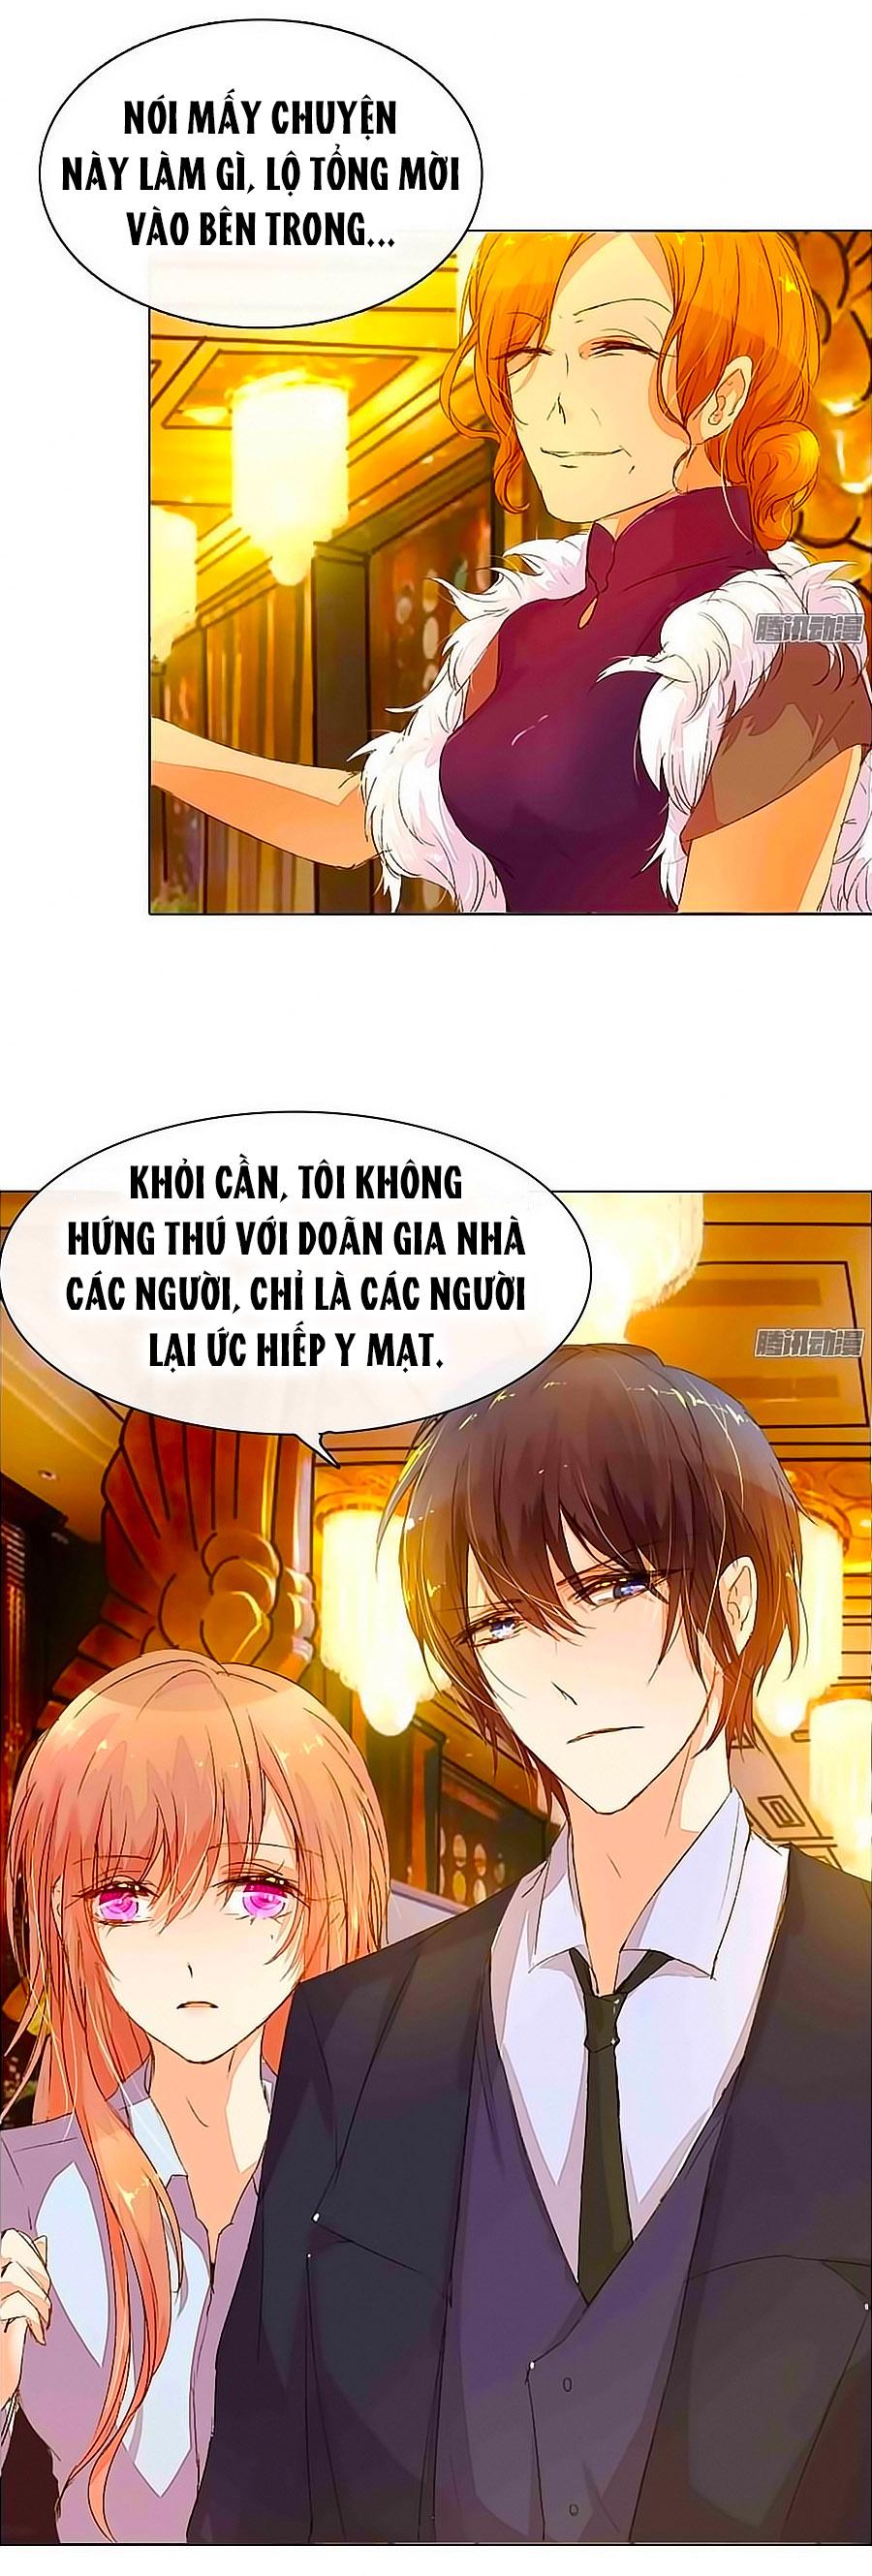 Hào Môn Tiểu Lãn Thê Chap 11 - Next Chap 12 image 4